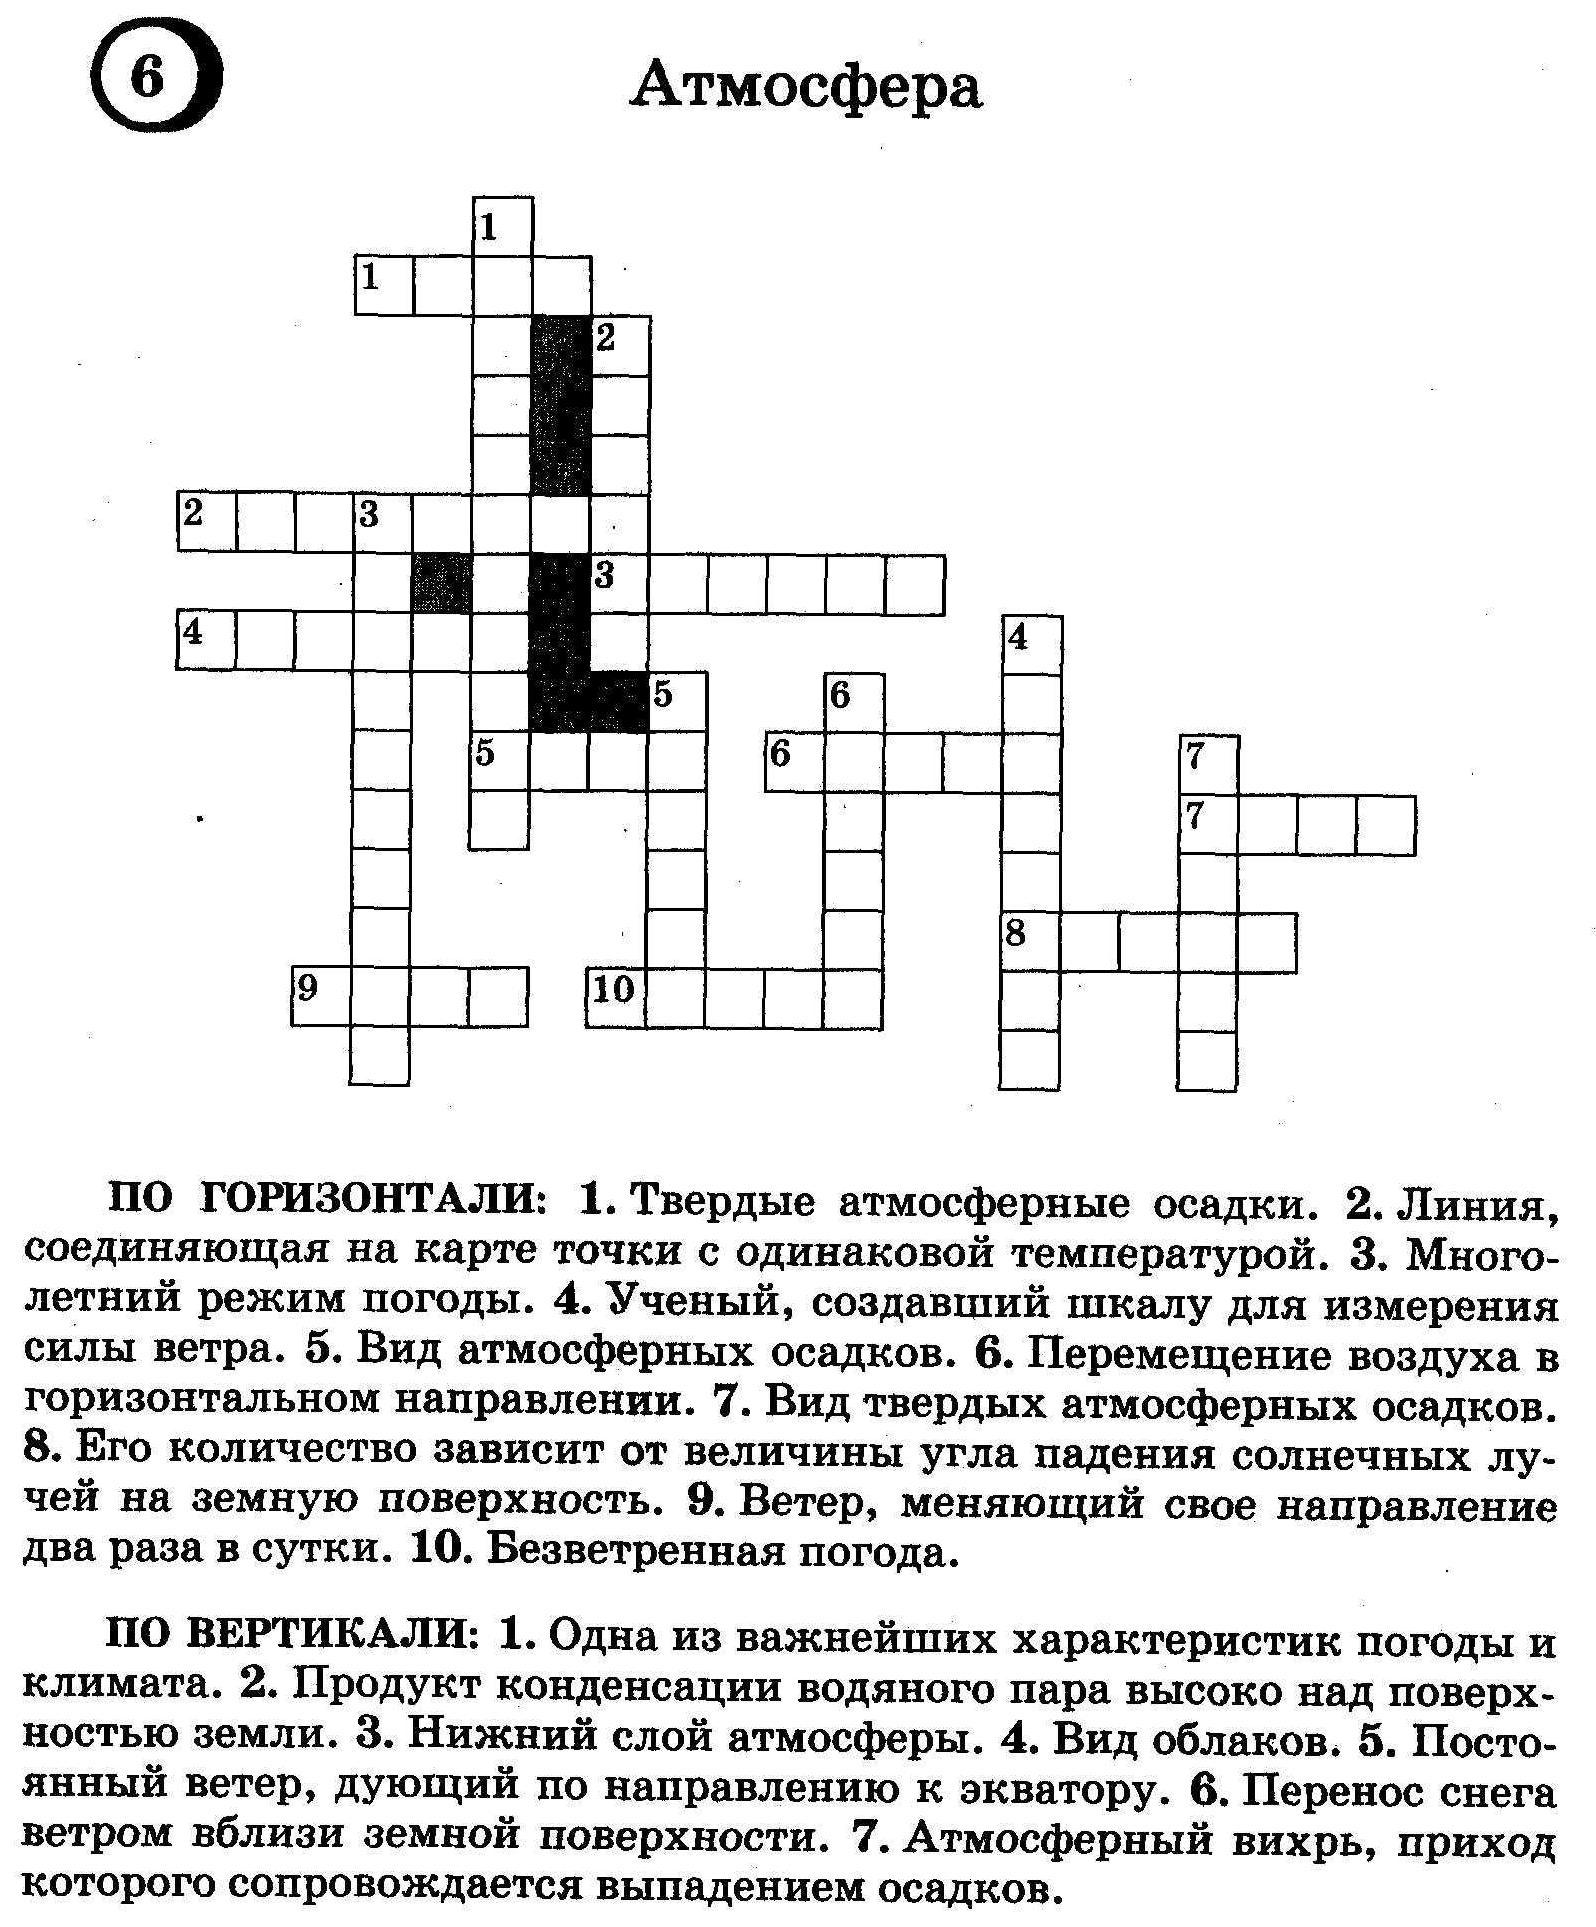 Скачать кроссворд с ответами по истории россии 10 класс